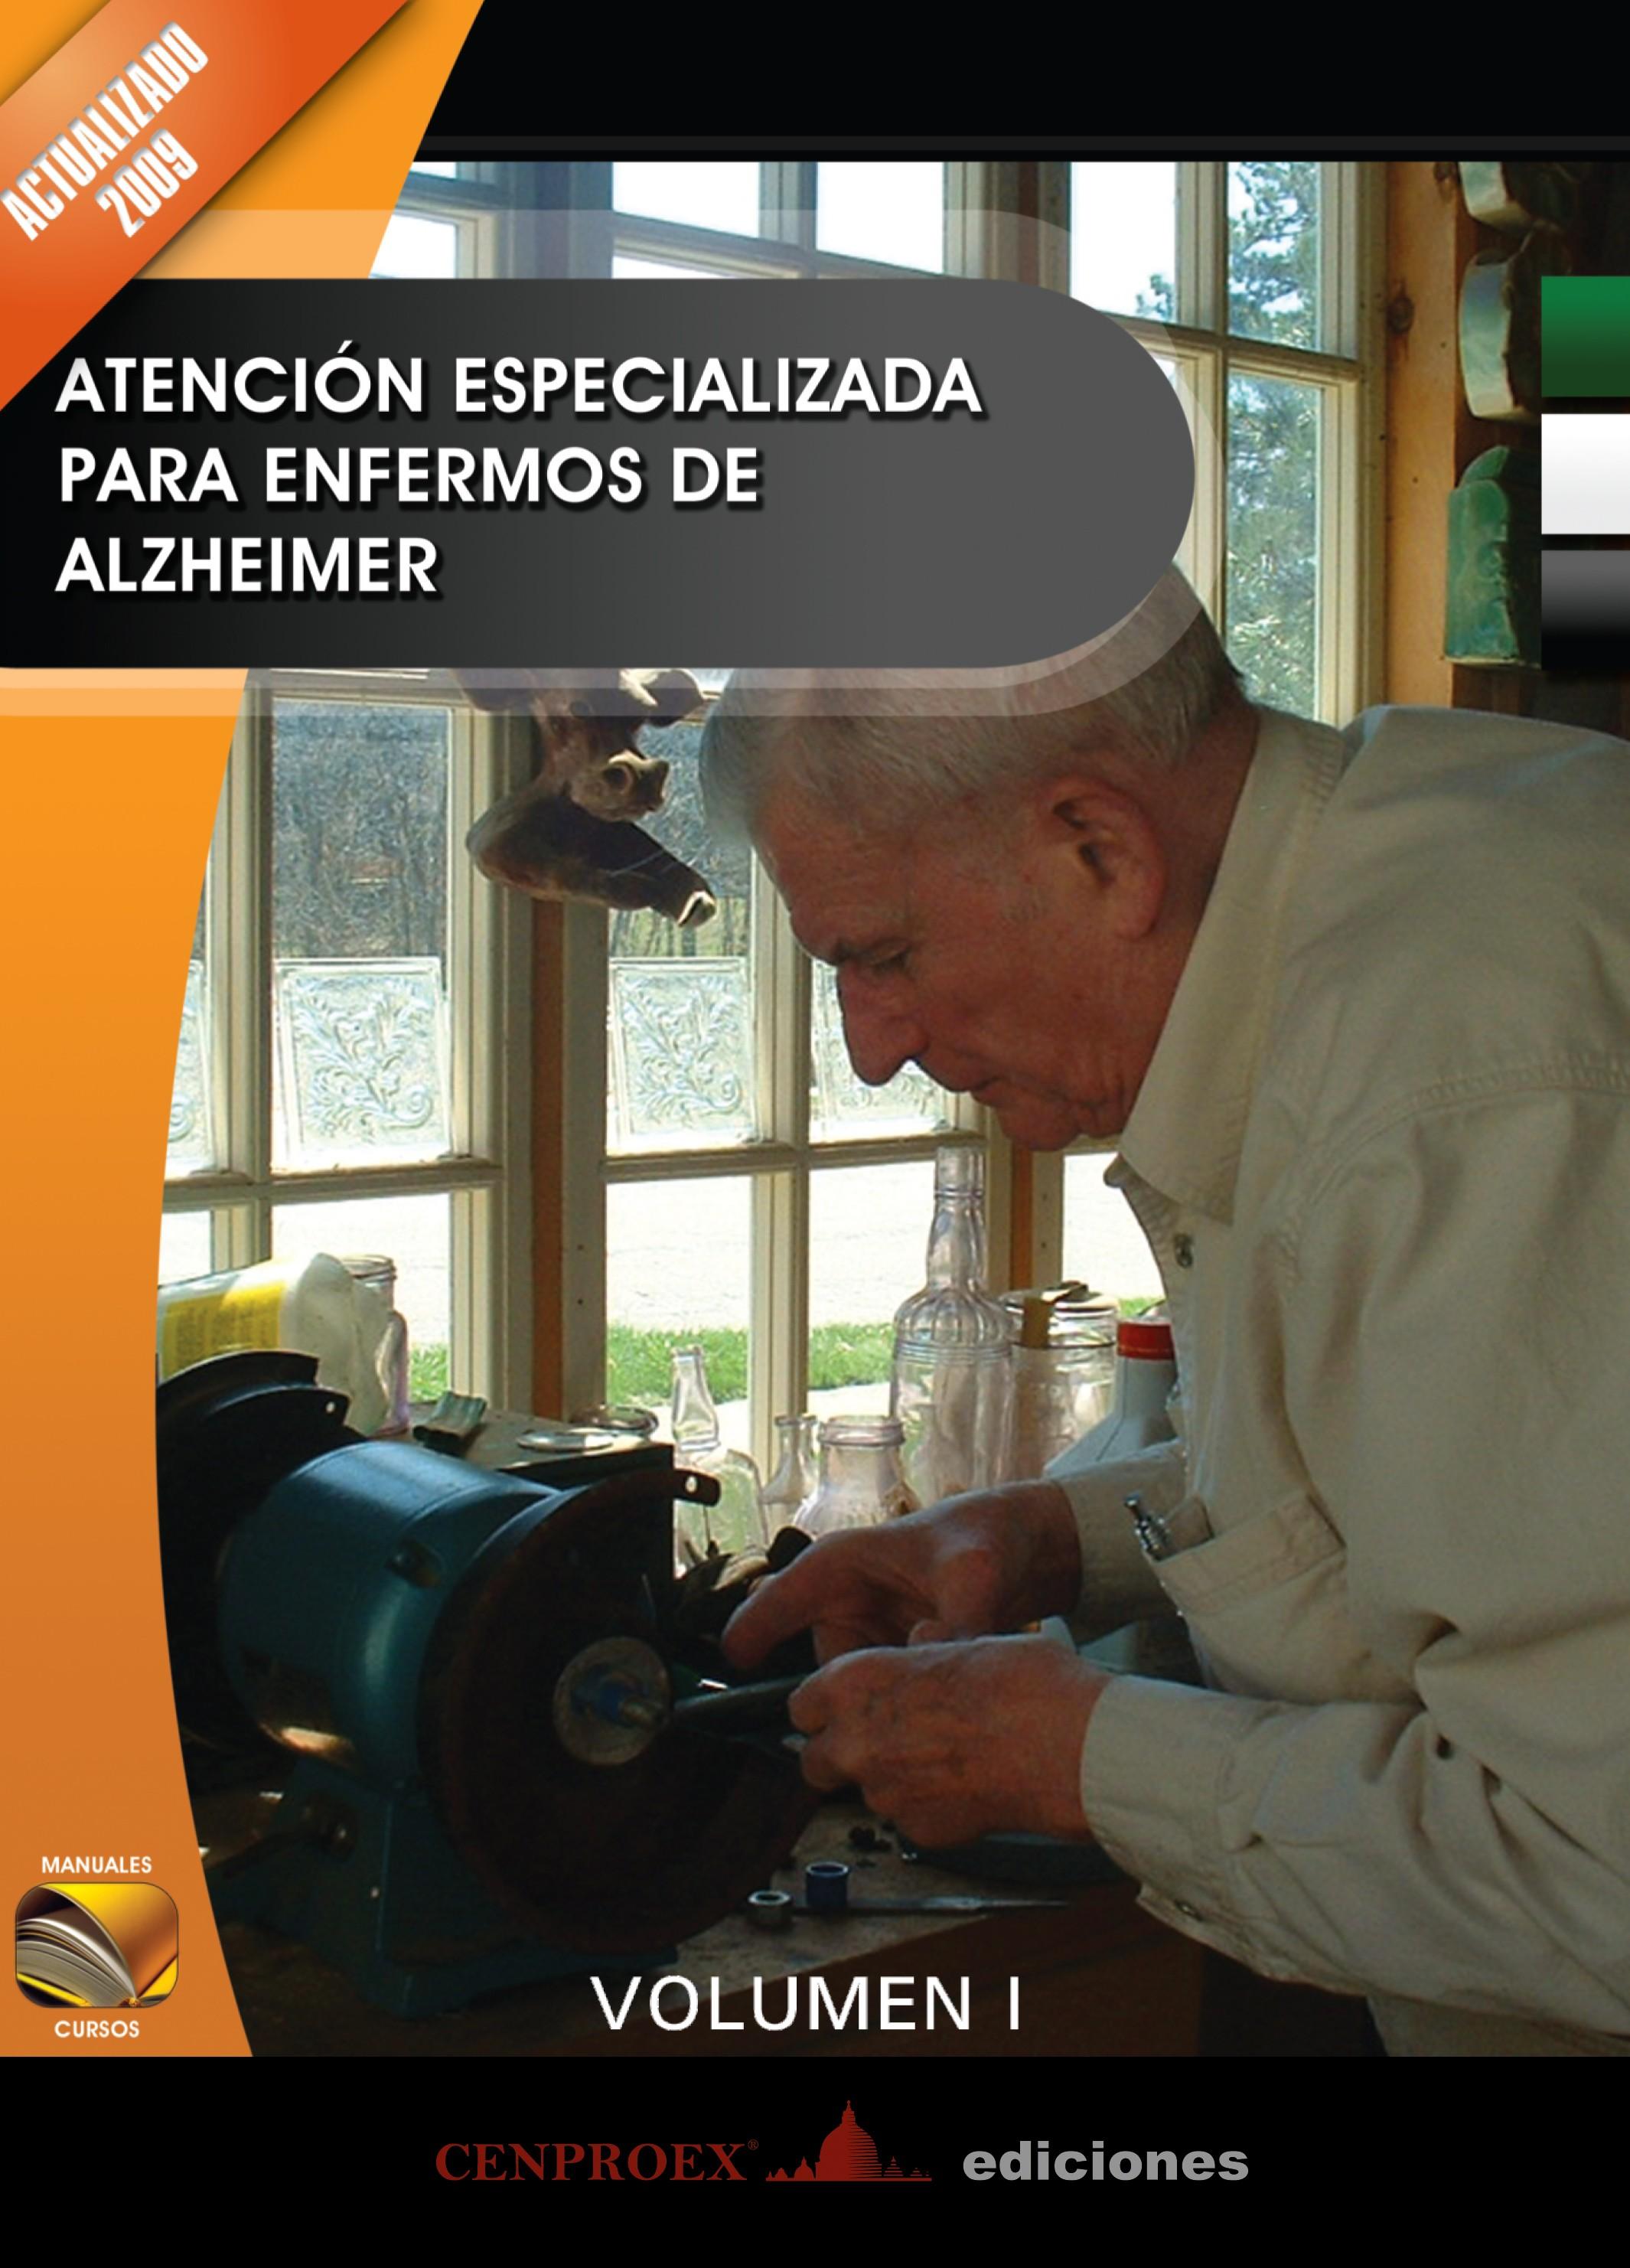 116. Atención especializada para enfermos de Alzheimer